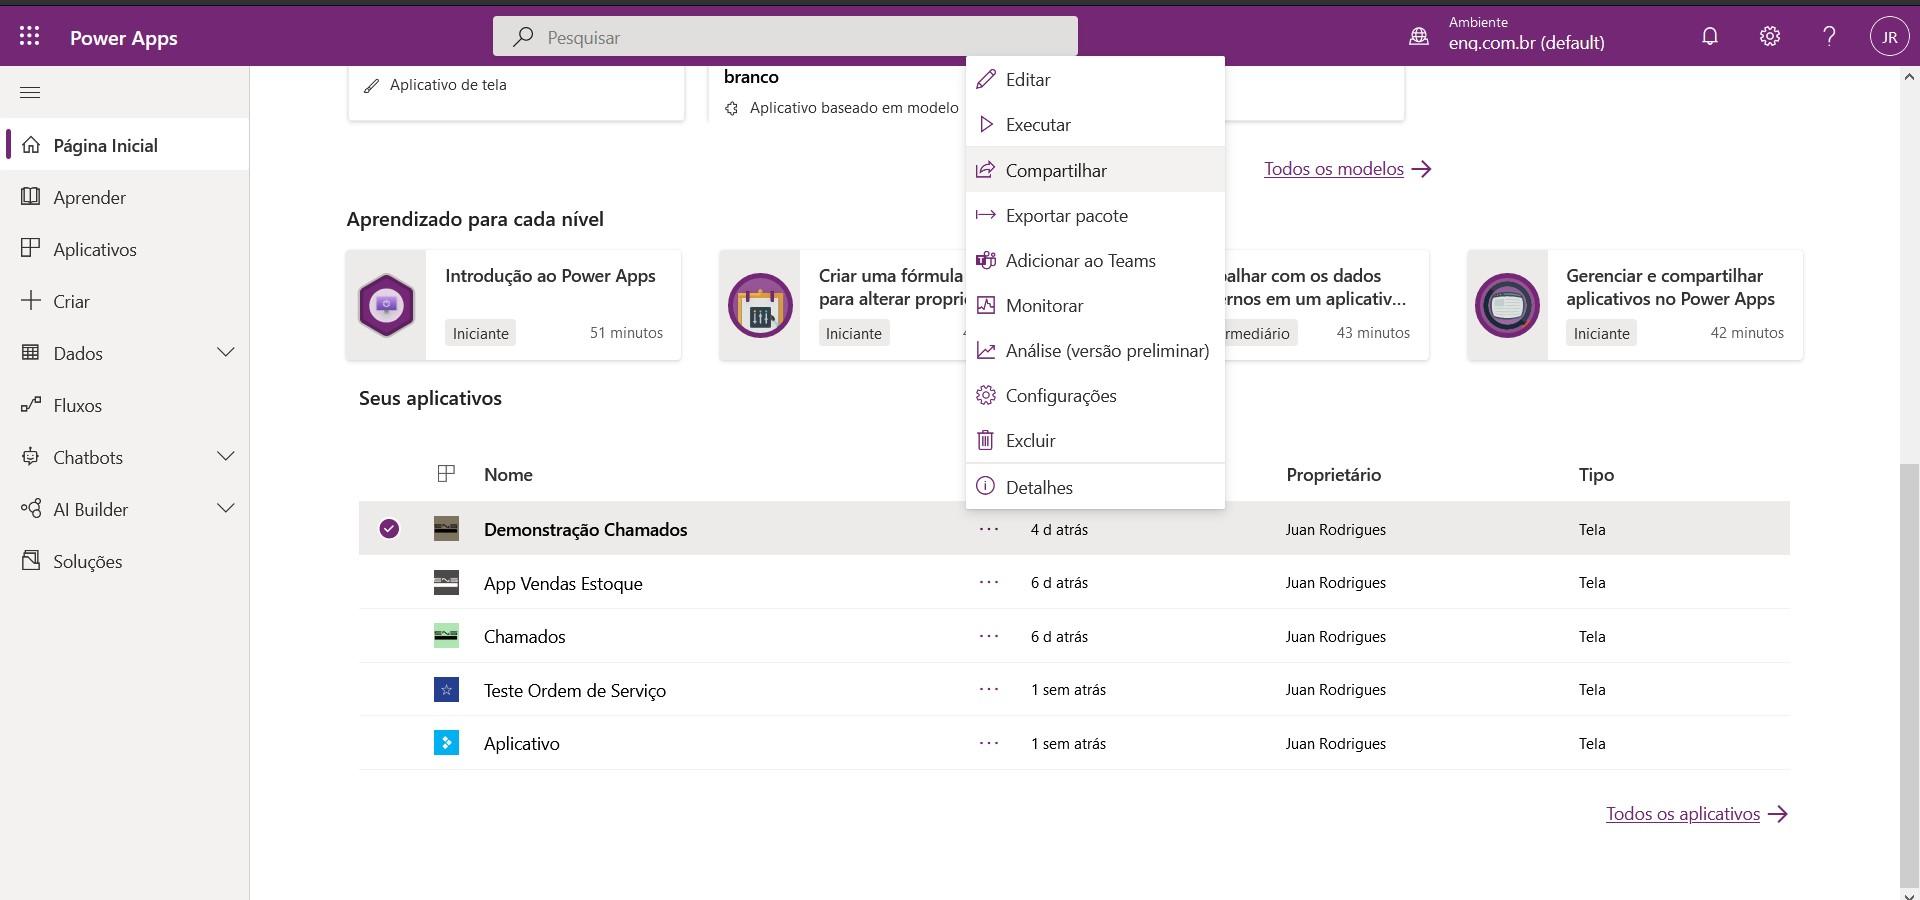 compartilhamento-no-power-apps-eng-dtp-multimidia